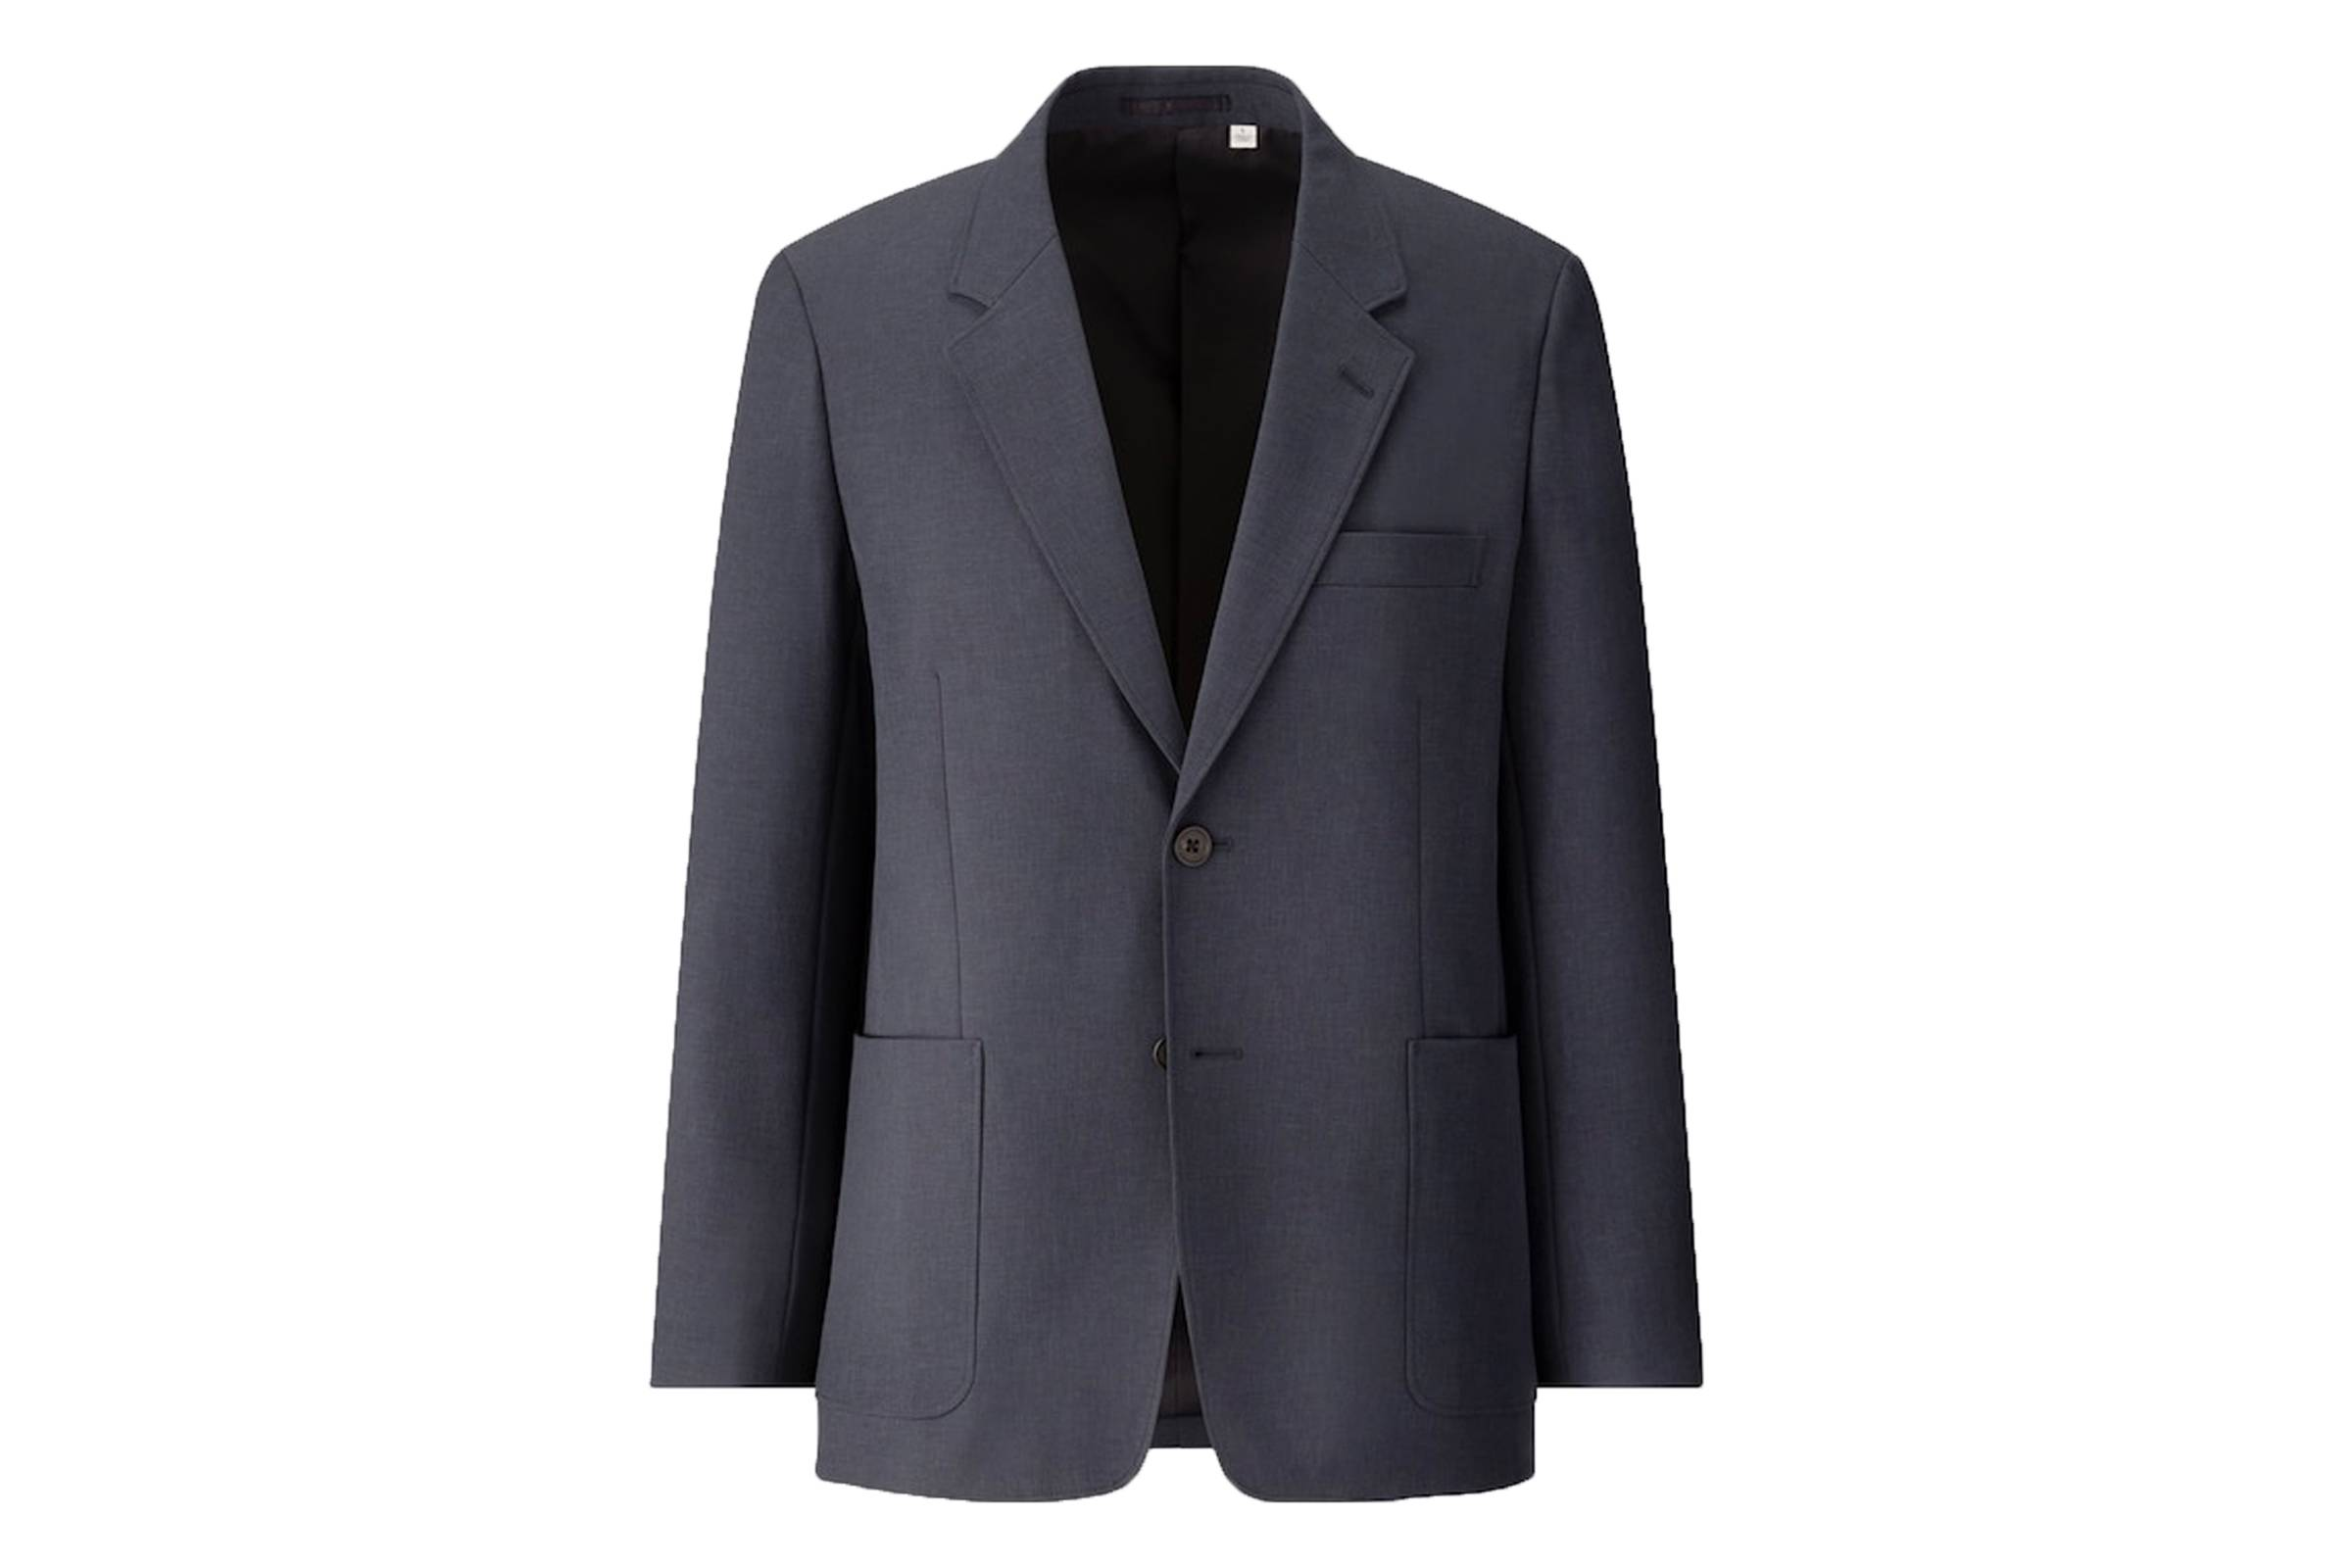 Uniqlo U Tailored Jacket